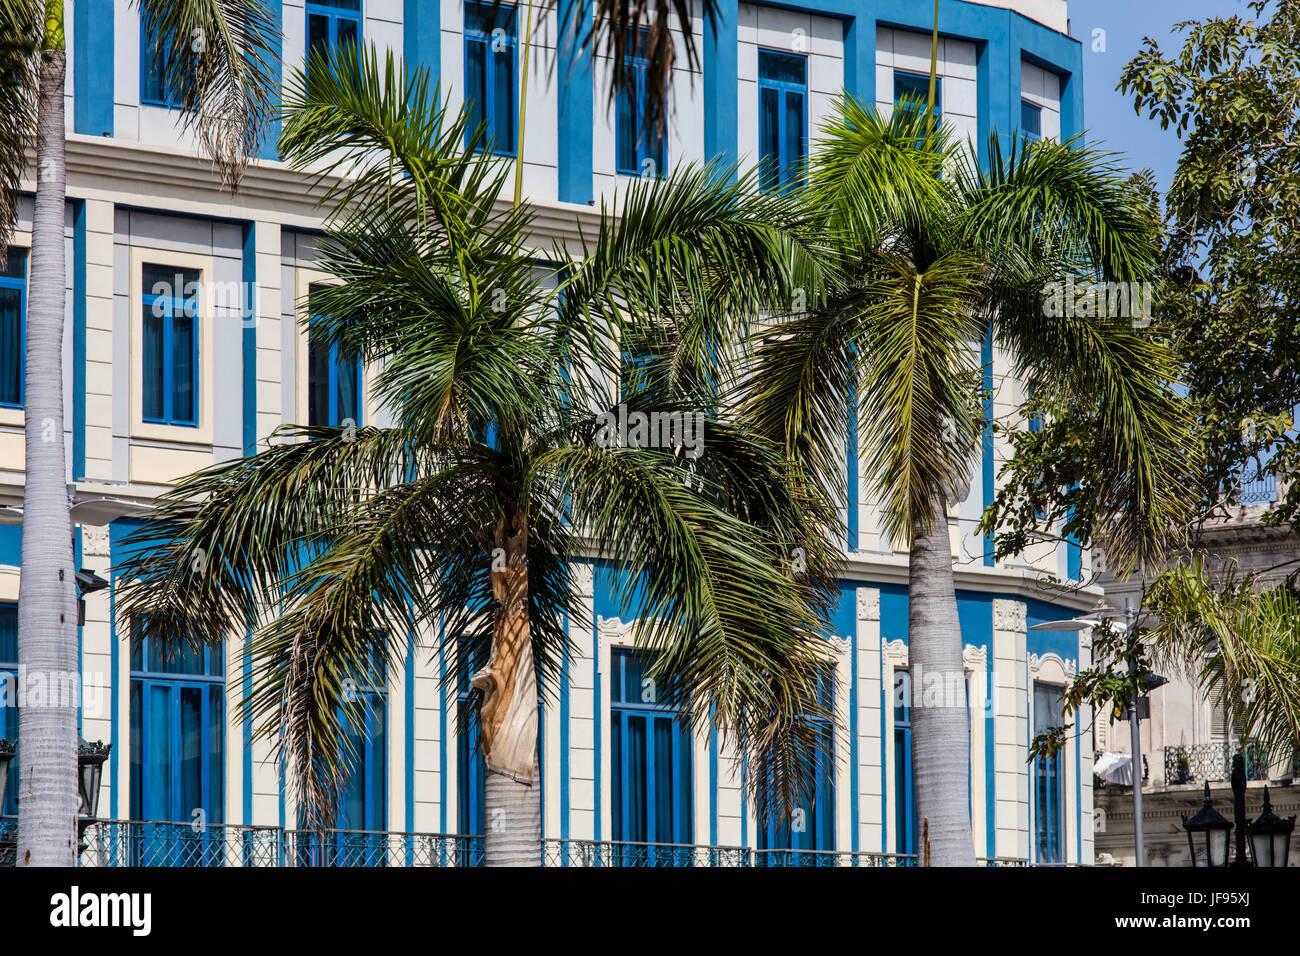 Palmiers et de l'architecture classique - LA HAVANE, CUBA Photo Stock